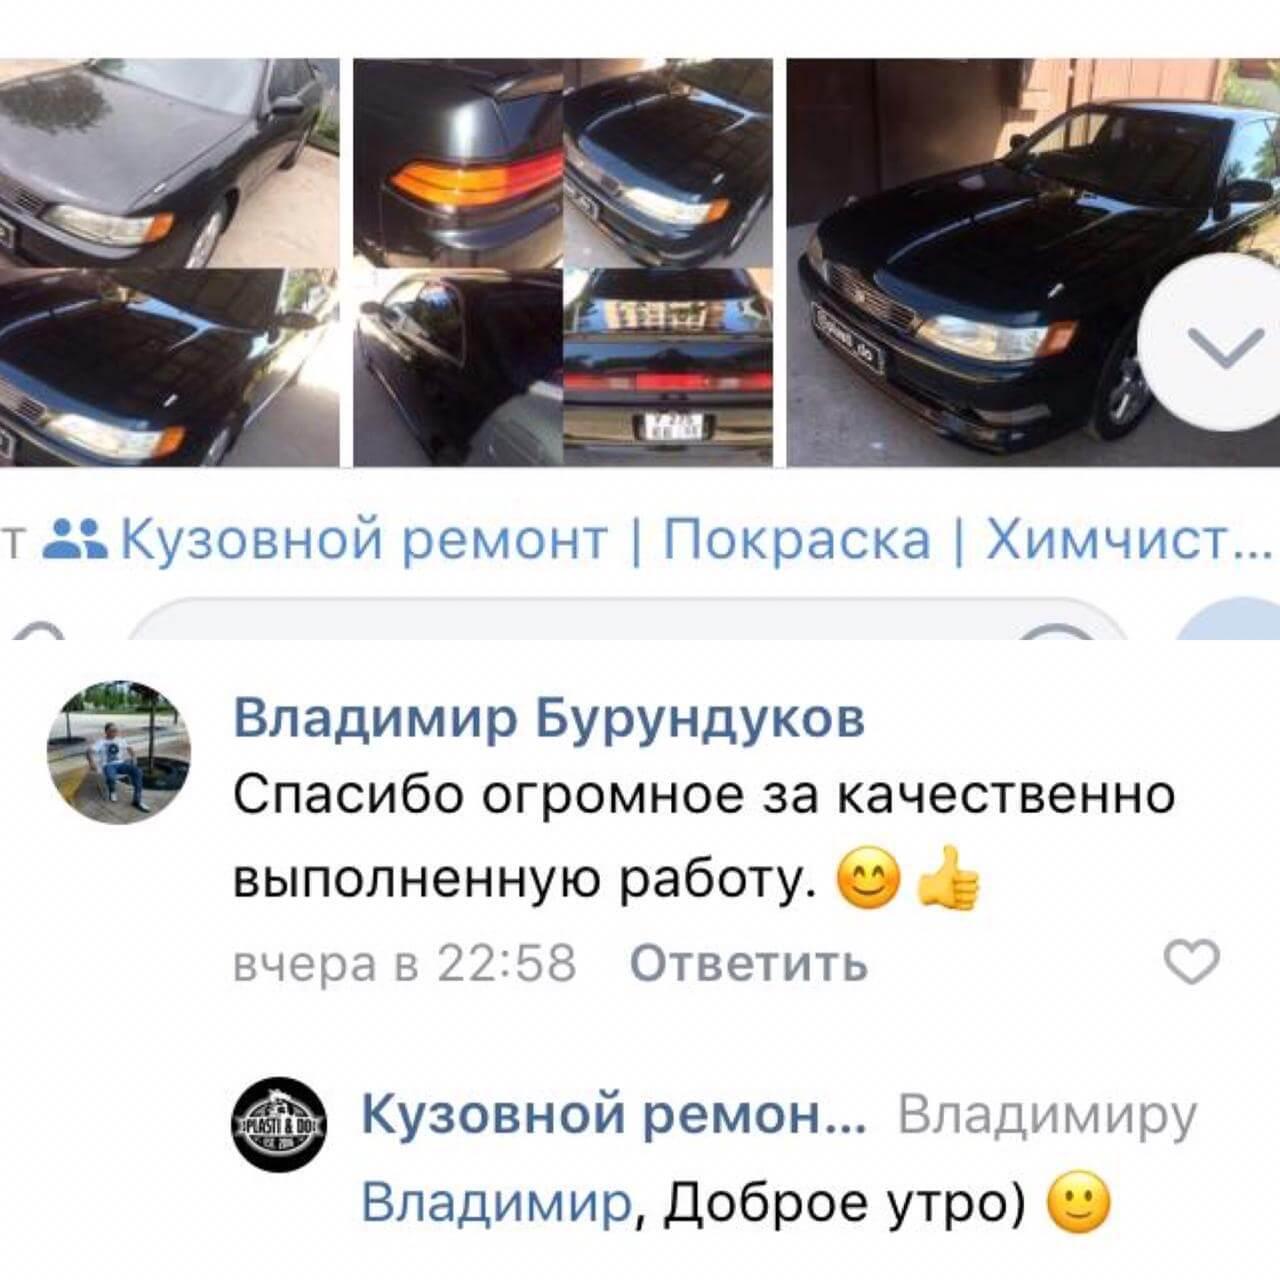 отзыв_о_кузовном_ремонте_пласти_ду_краснодар